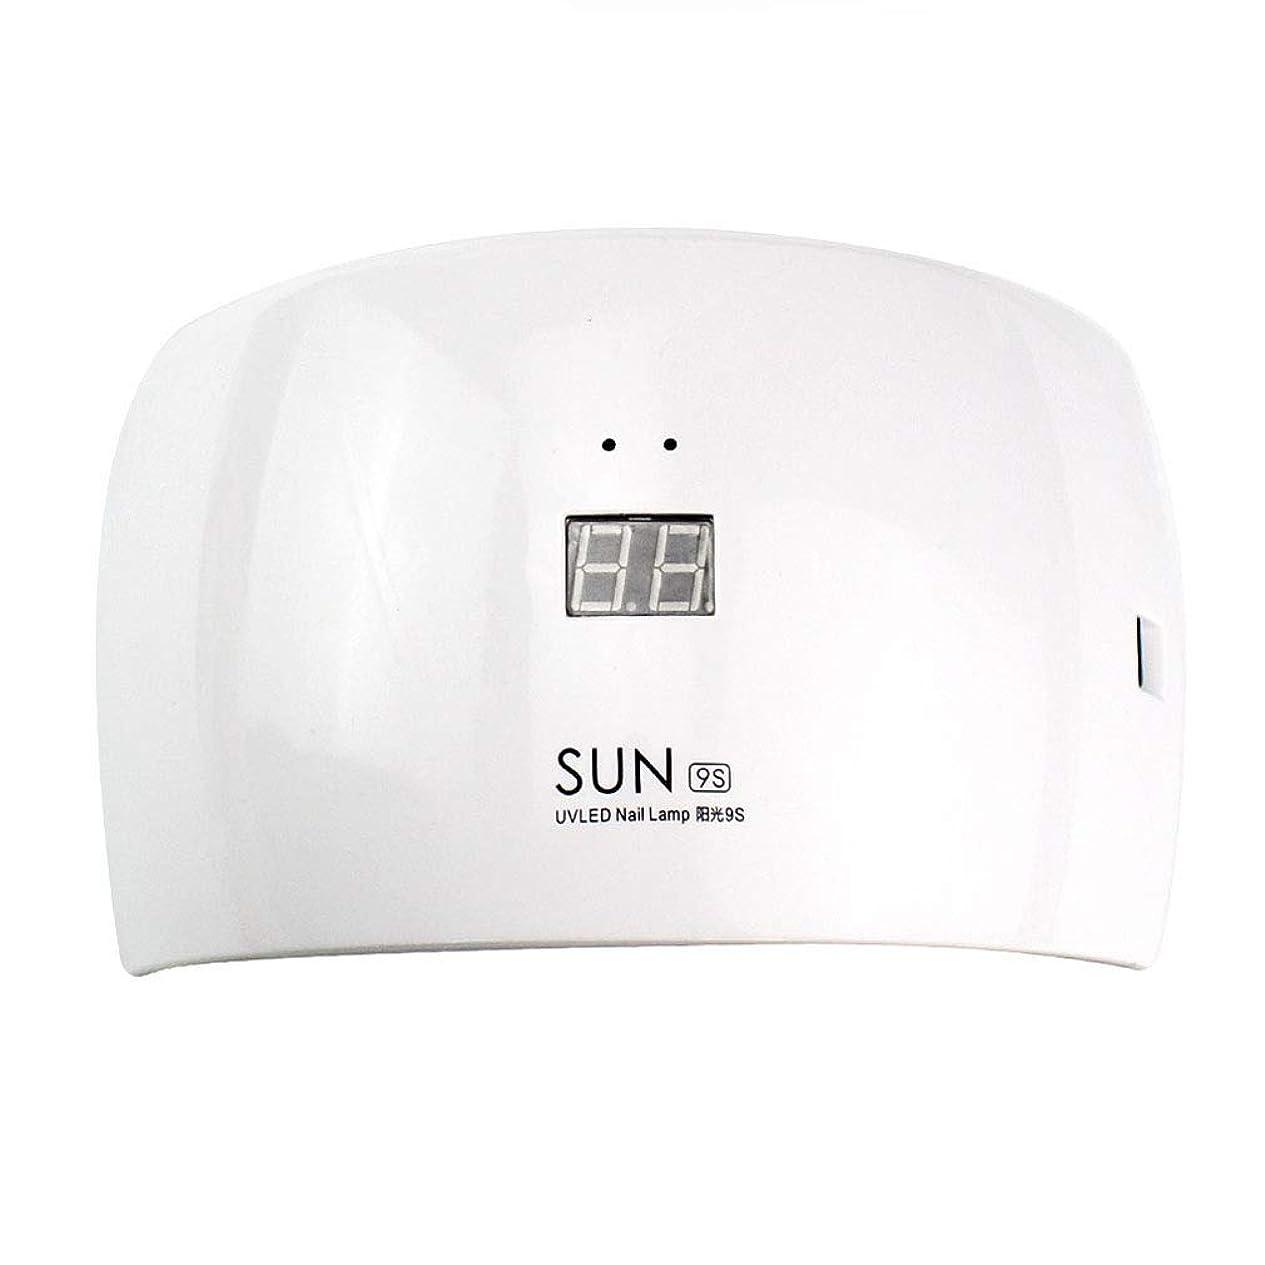 因子伝統的貫通24Wネイルドライヤー、ネイル用ポータブルLED/UVランプ赤外線センサー付きネイルランプ、USB充電、すべてのジェルに適して